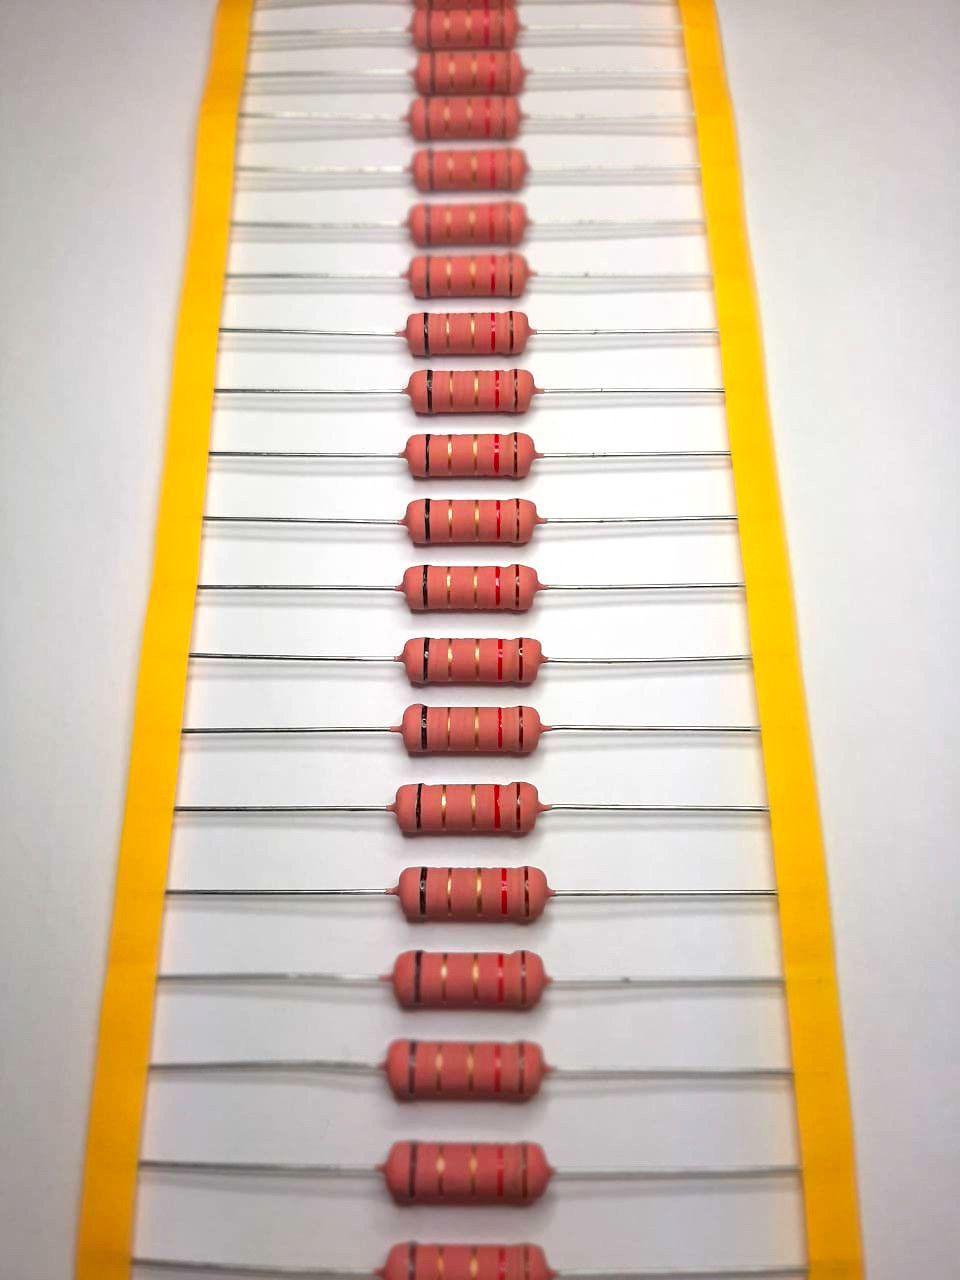 Resistores de Fio 5WS 5% Valores 1R0 Até 820R Caixa com 500 Peças